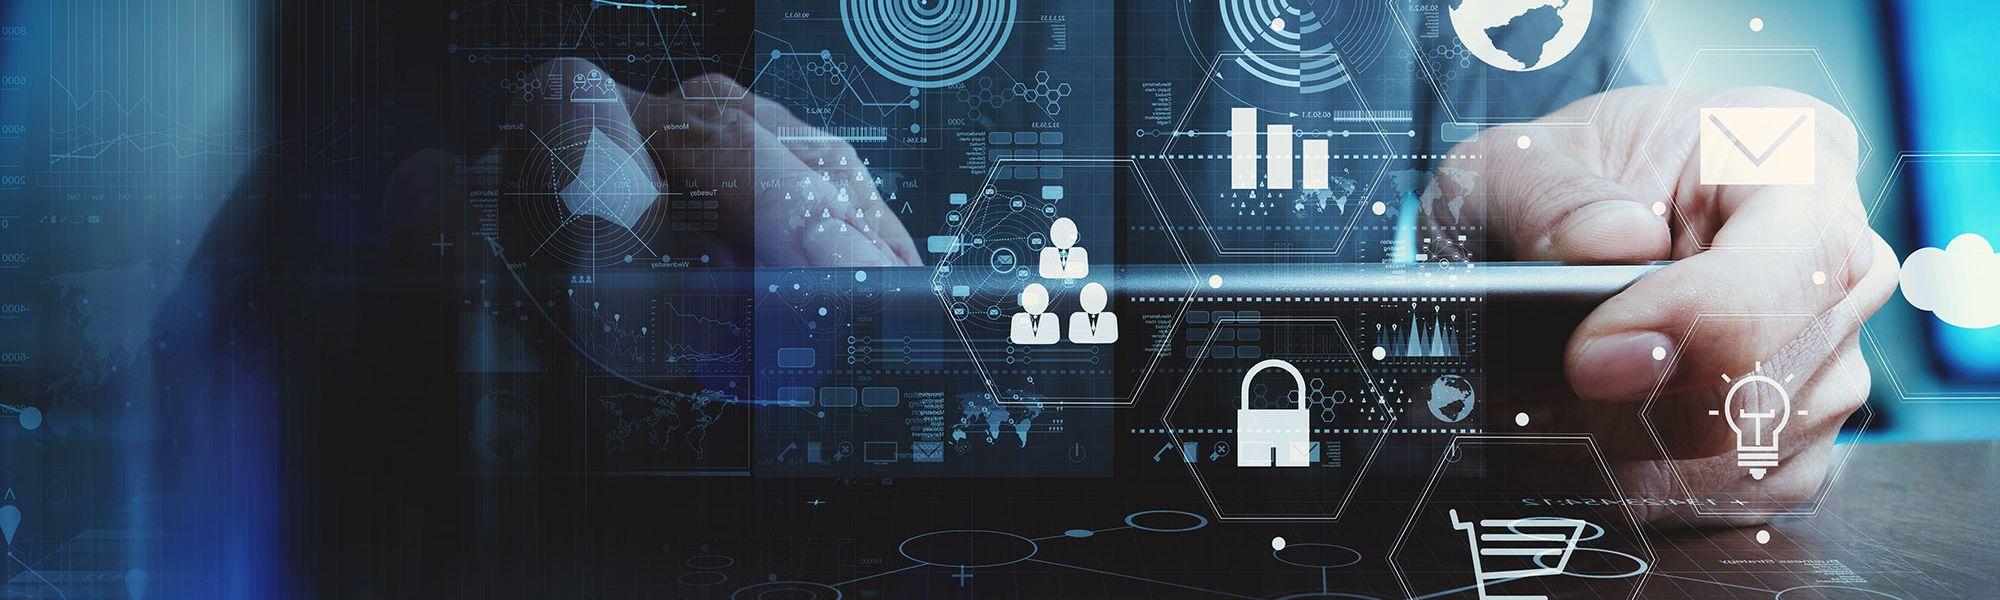 Cyber Insurance